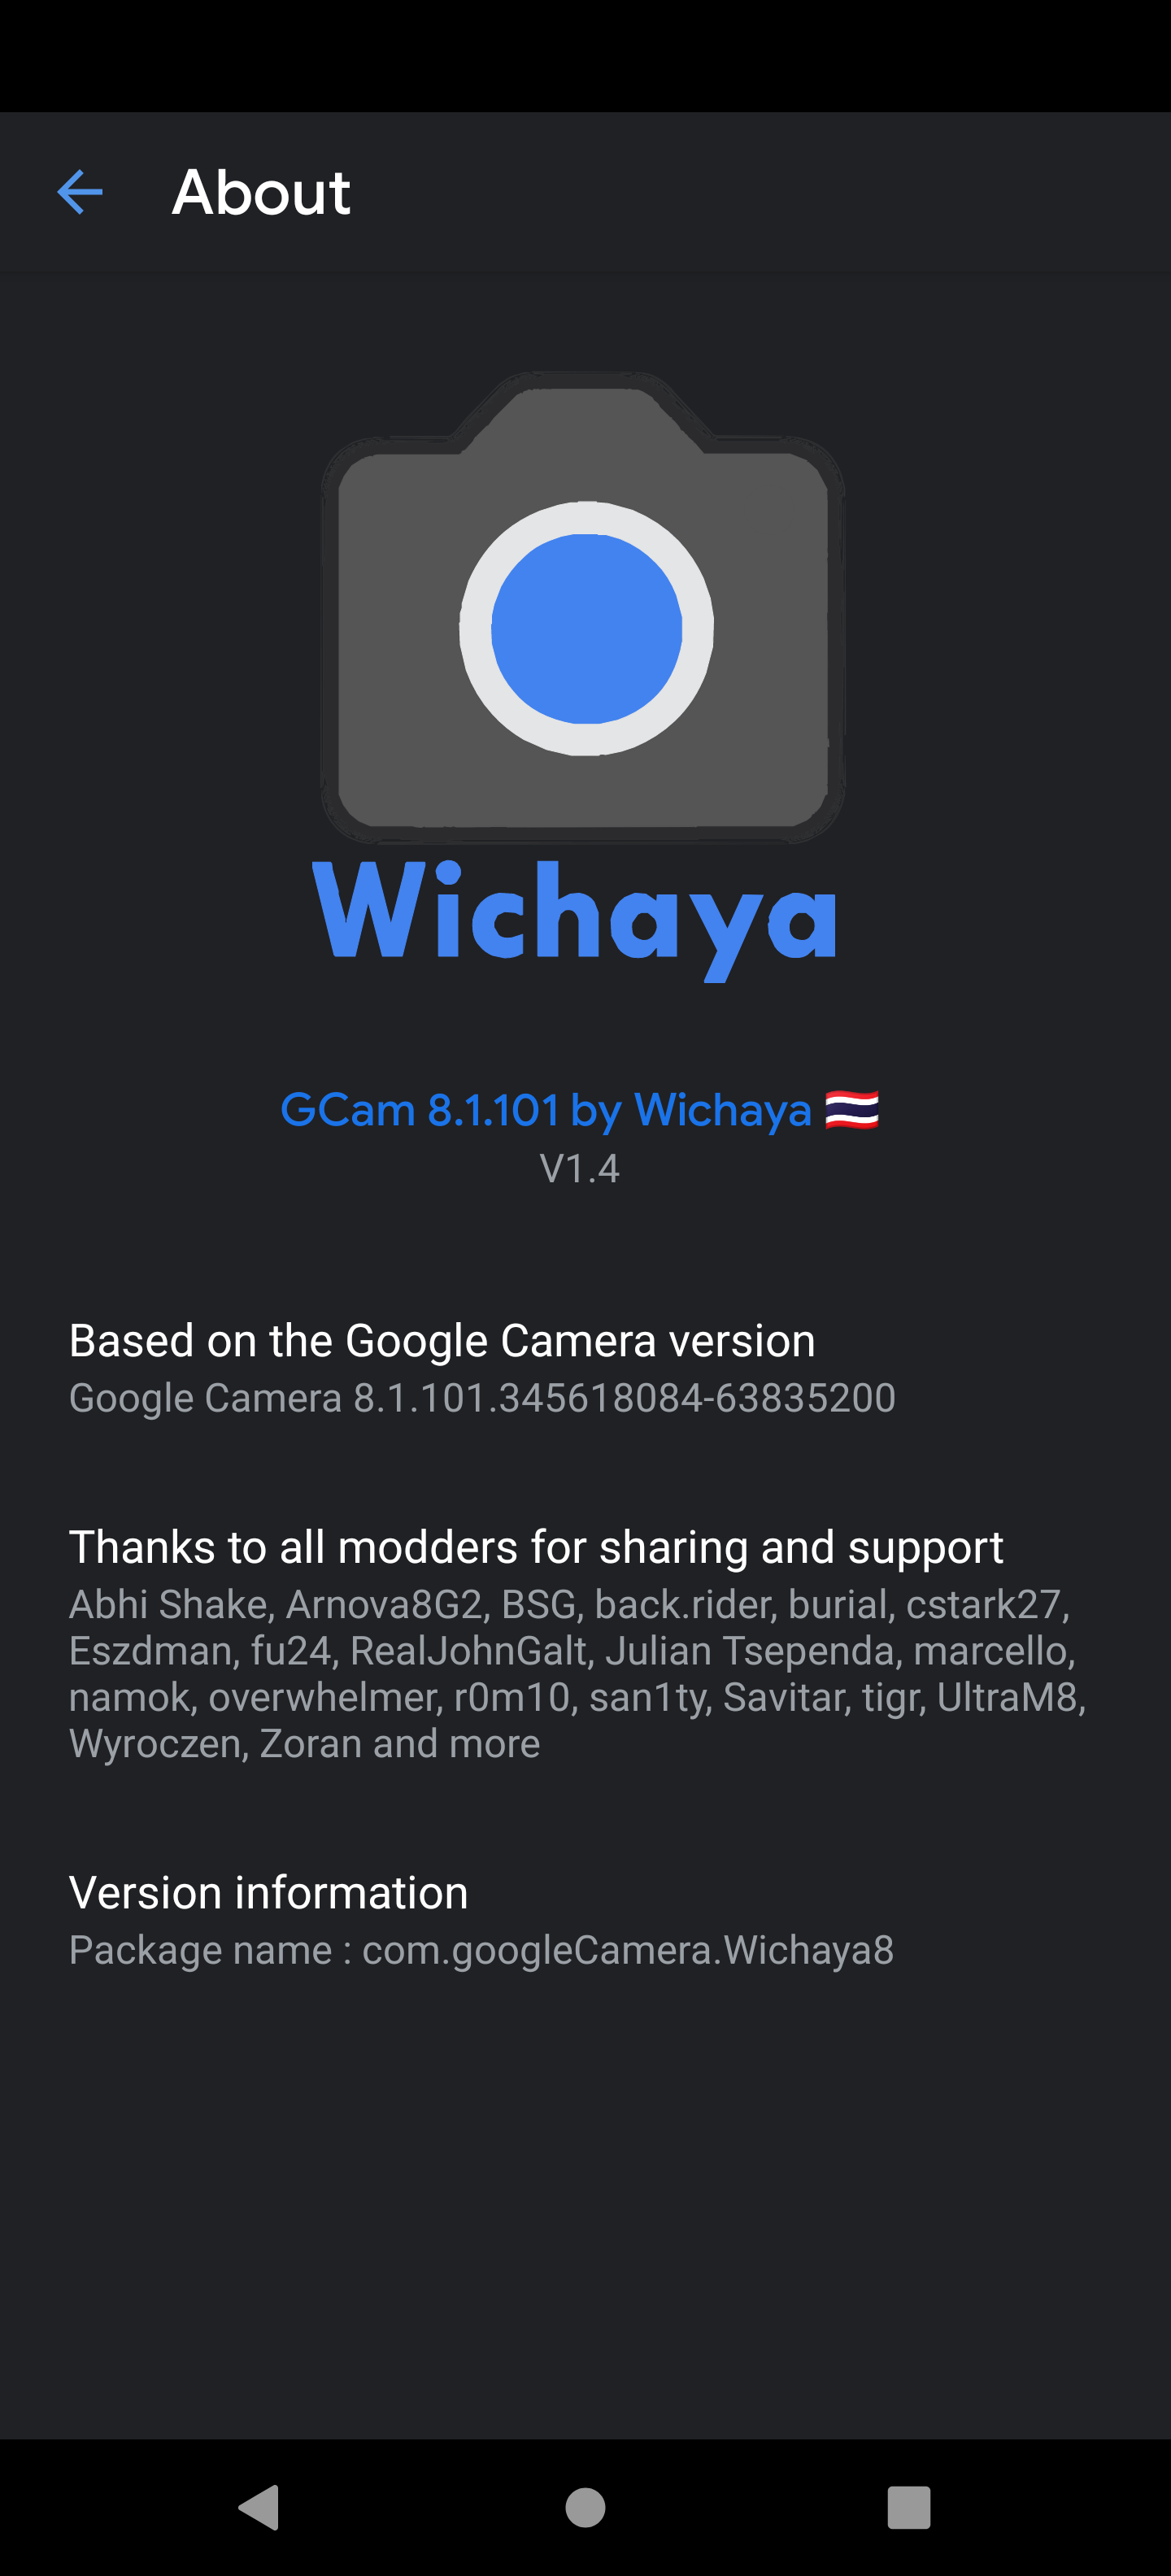 GCam_8.1.101_Wichaya_V1.4.apk